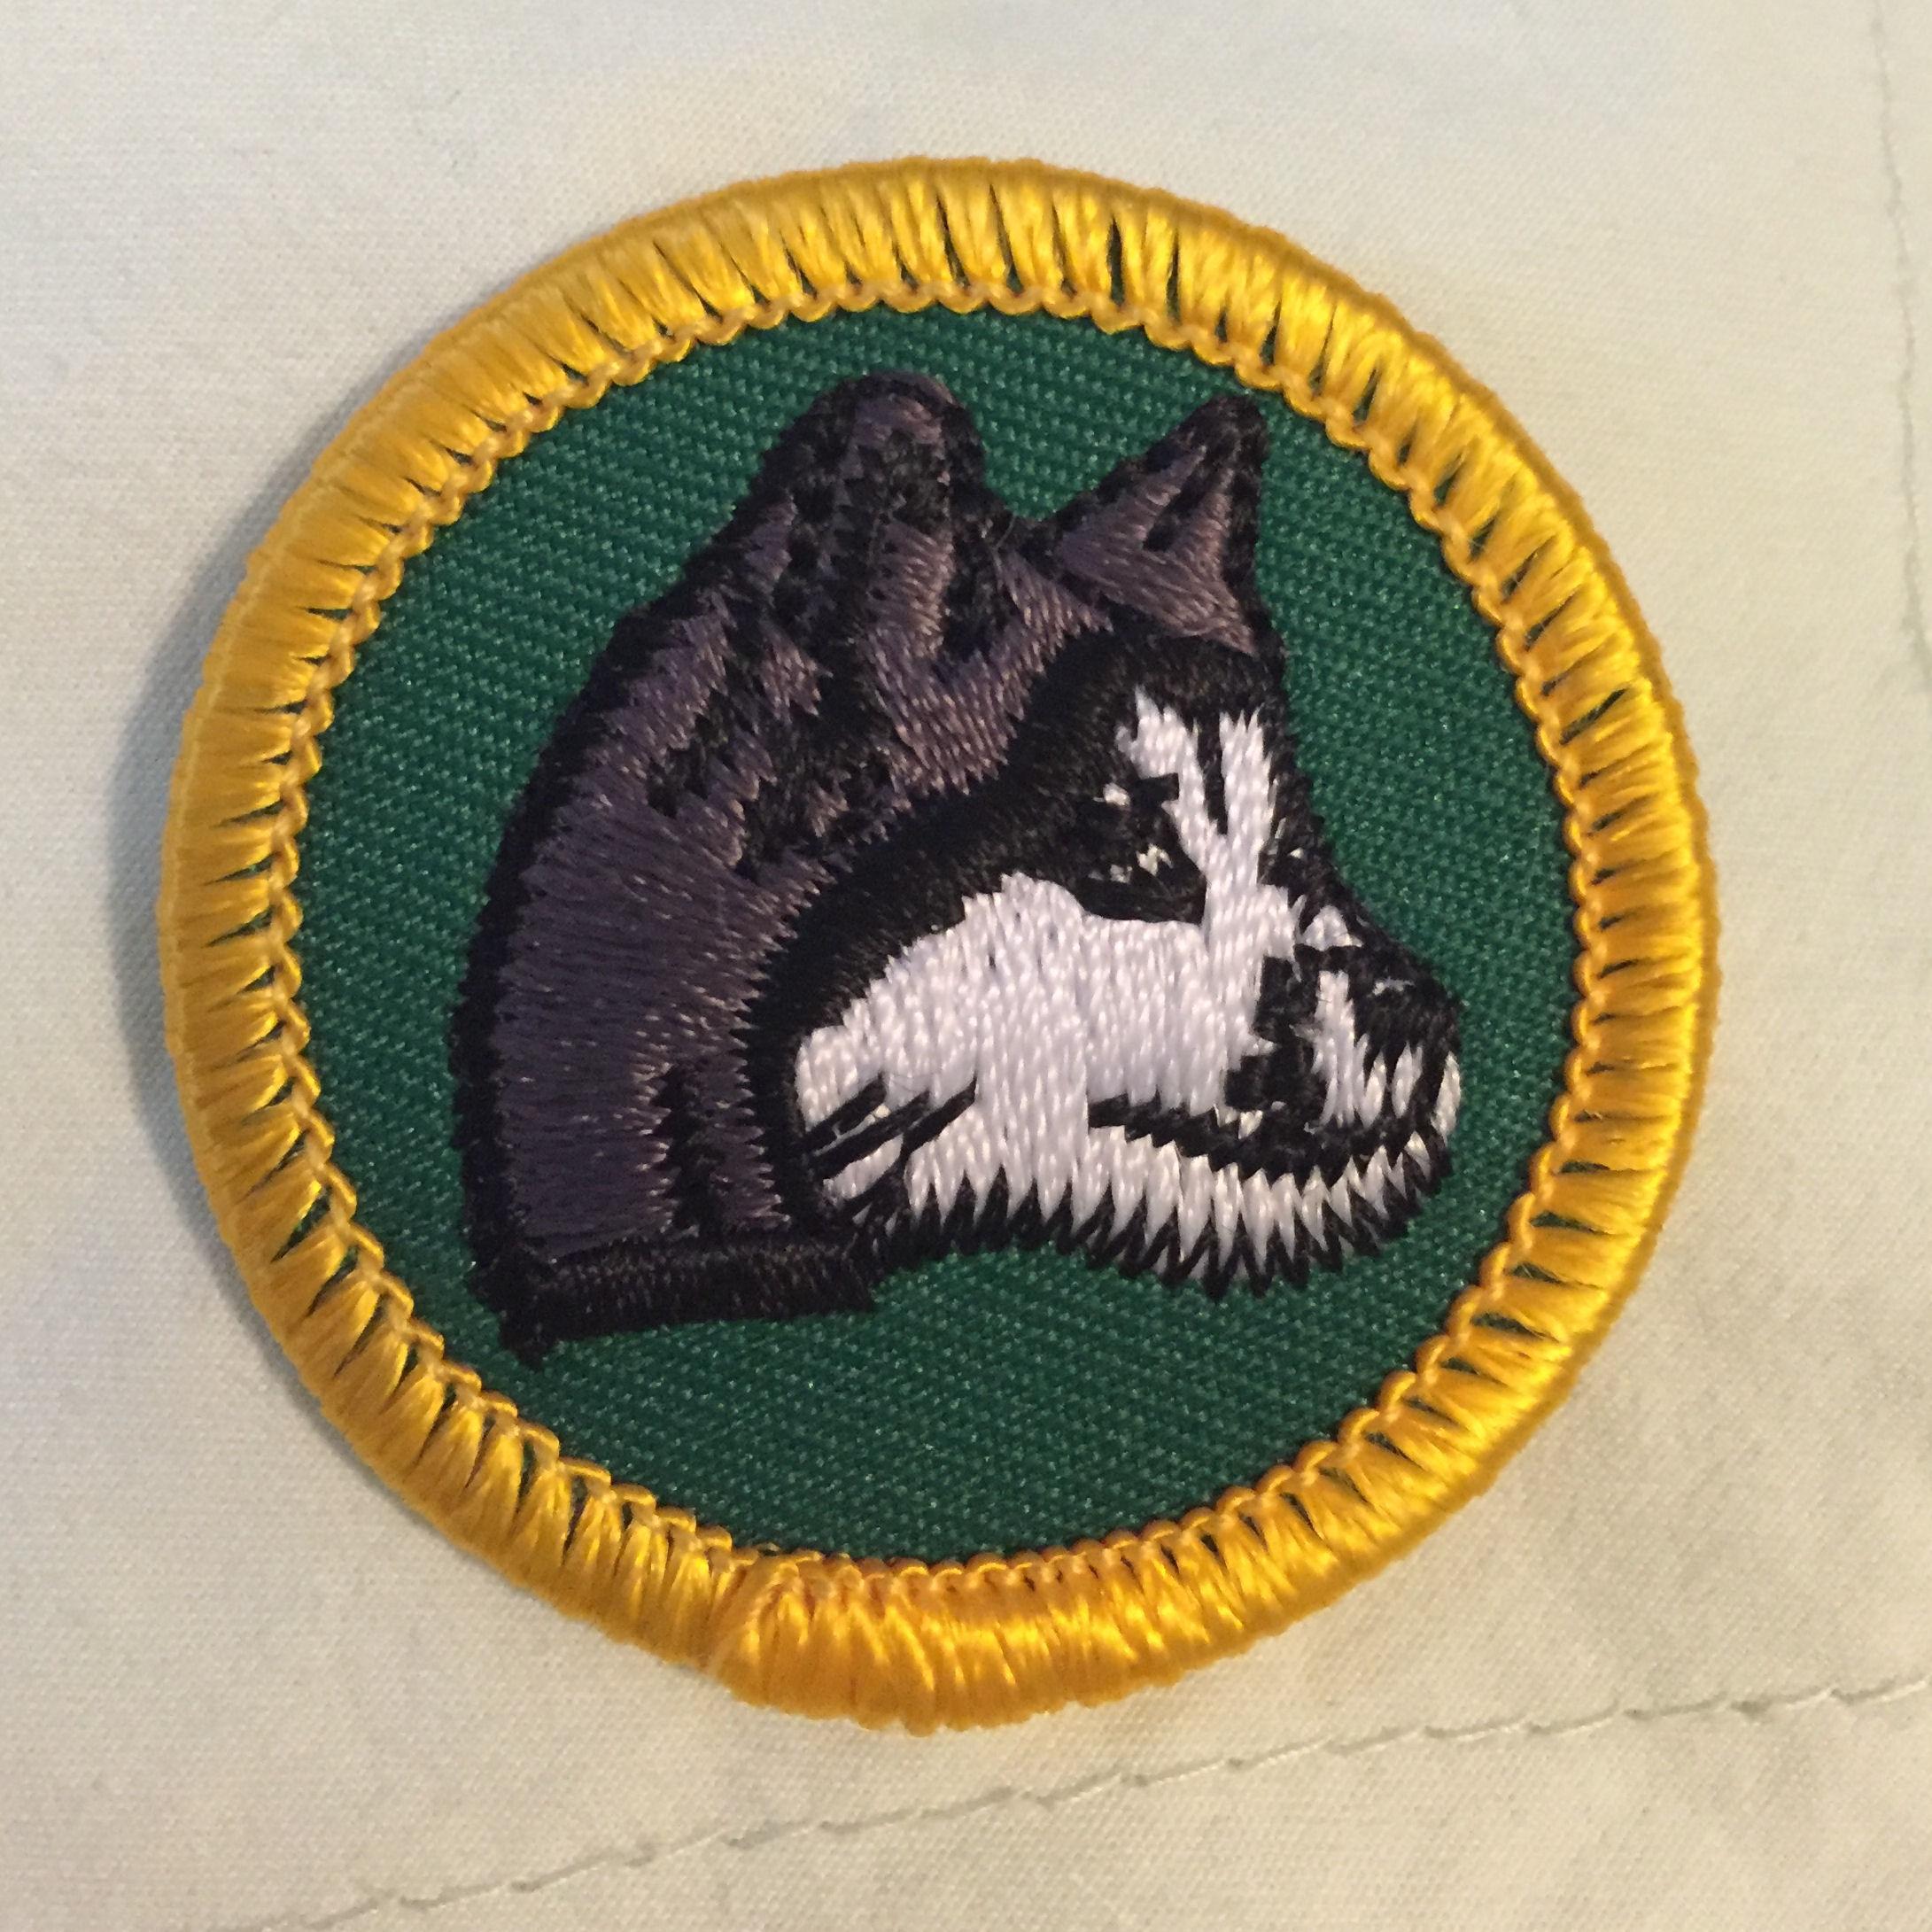 Maryland sled dog adventures llc dog sledding patches girl scout junior dog sledding badge solutioingenieria Images